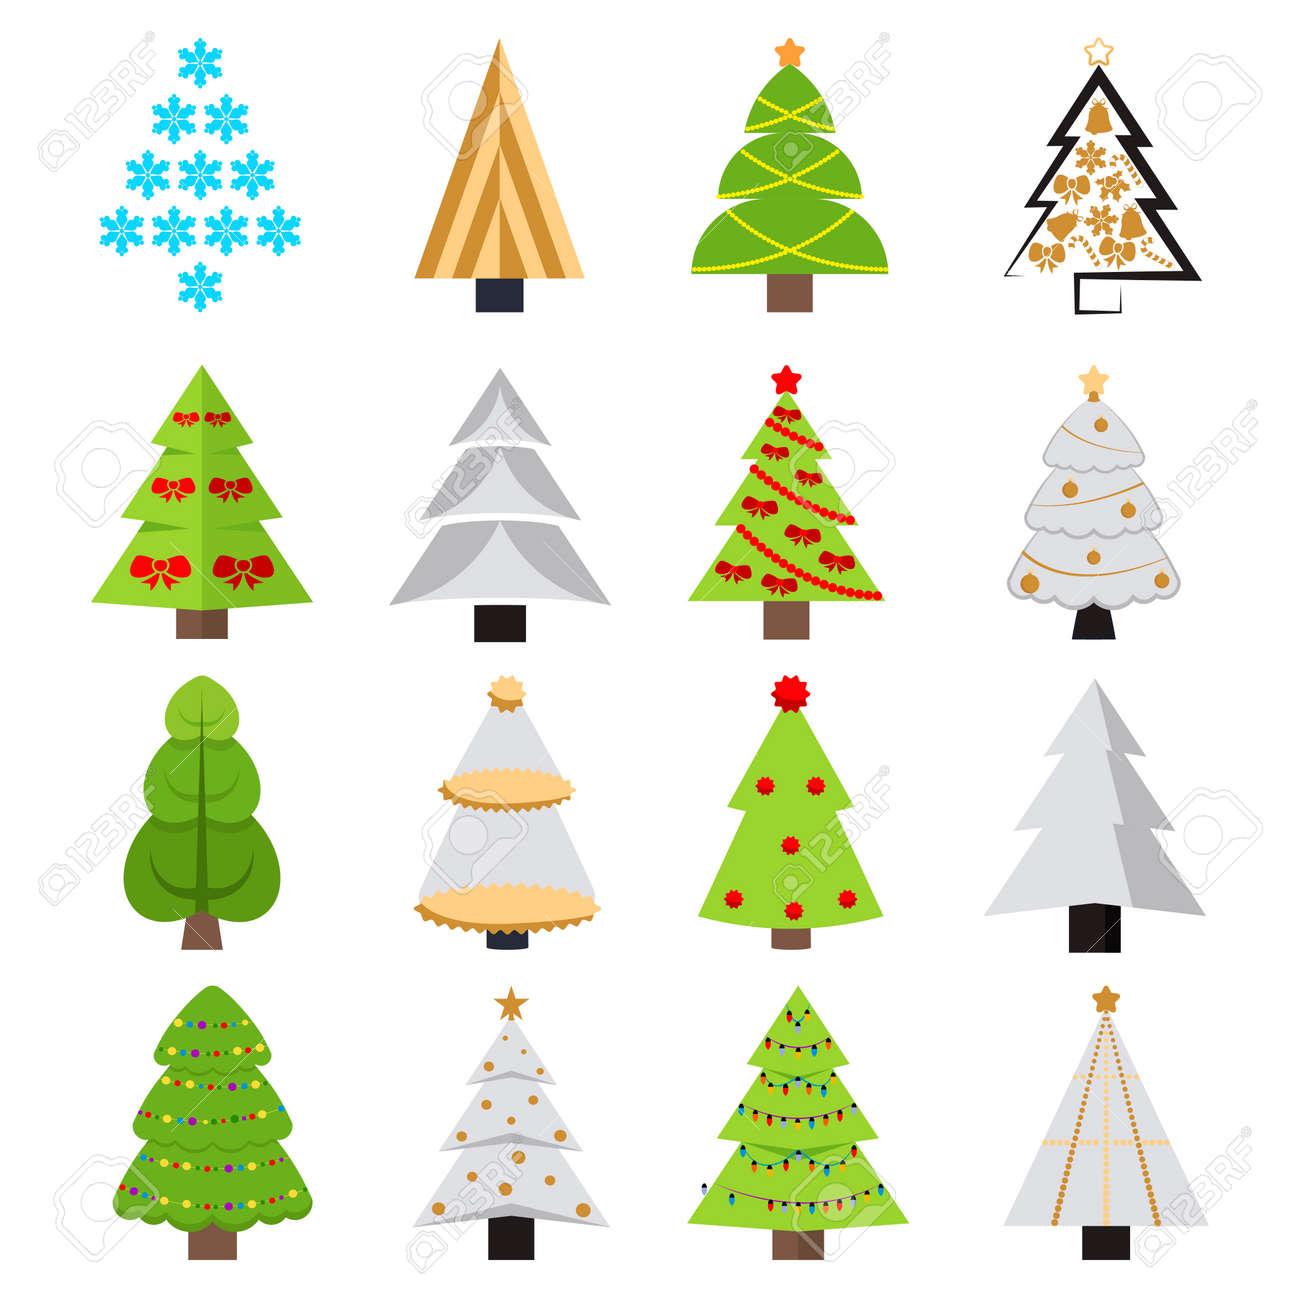 Biglietti Di Natale On Line.Insieme Di Diversi Alberi Di Natale Illustrazione Vettoriale Puo Essere Utilizzato Per Biglietti Di Auguri Inviti Banner Web Design Divertente